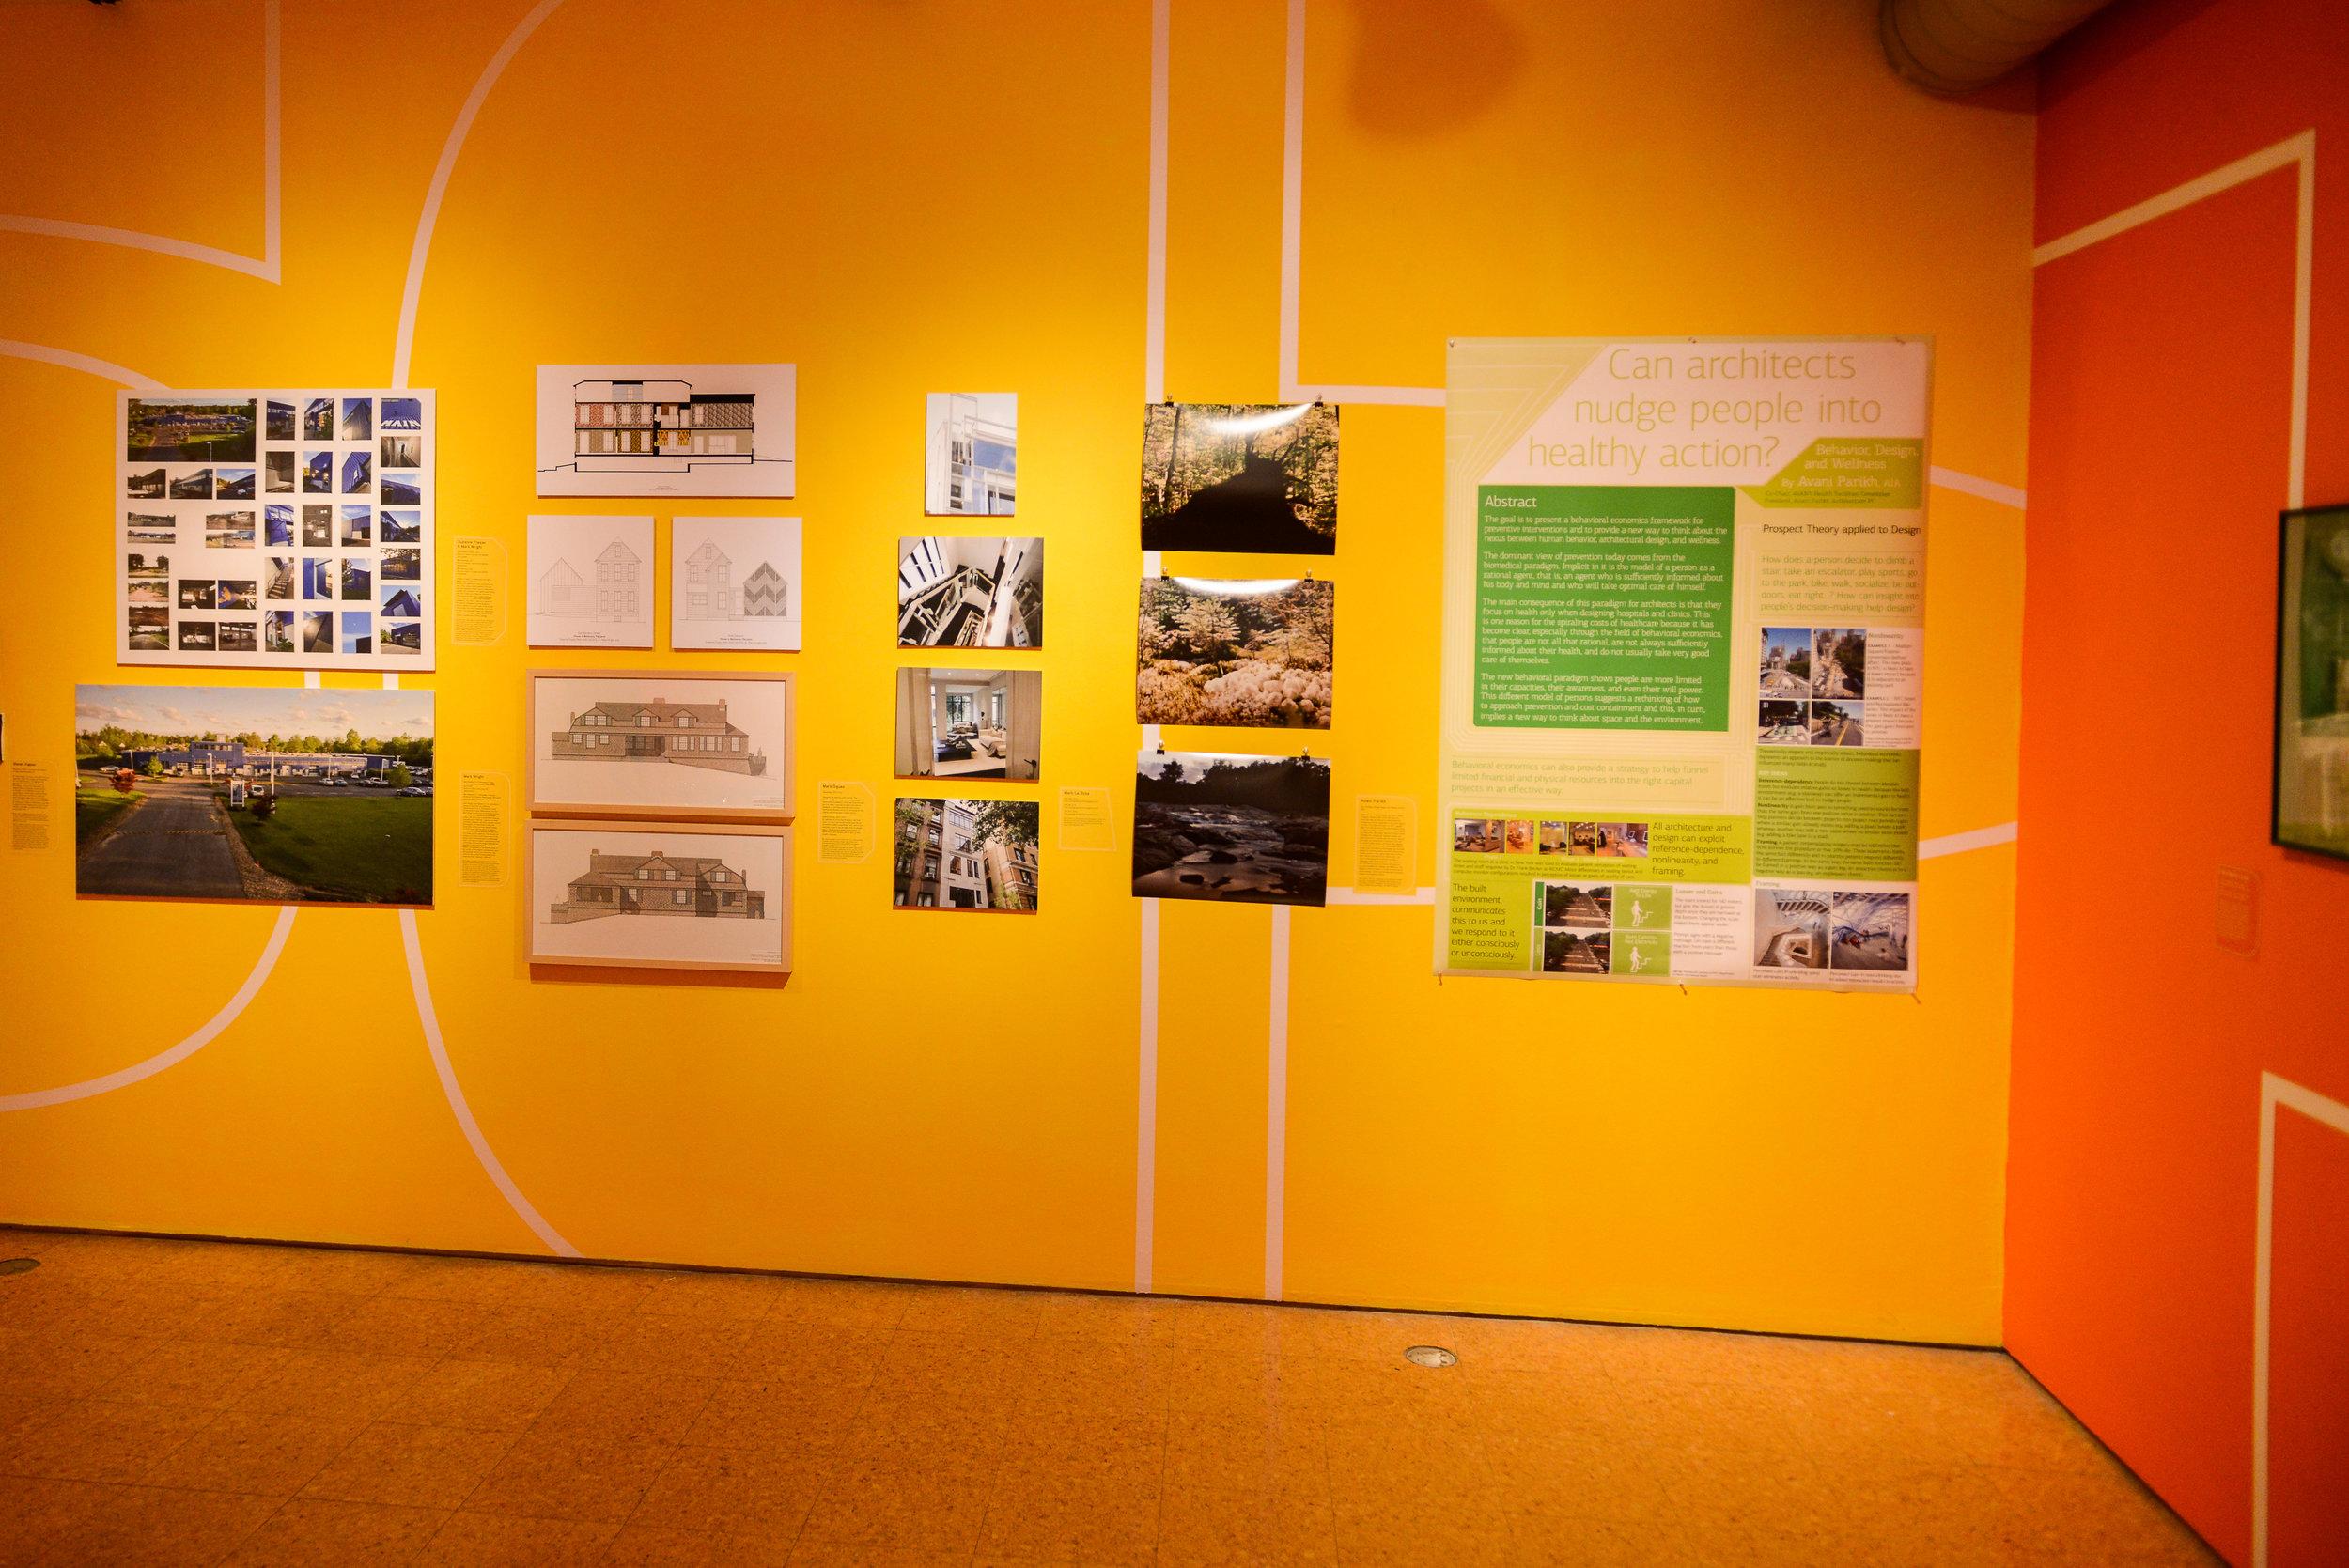 creative-scholarship-a-nysid-faculty-exhibition_37256080550_o[1].jpg